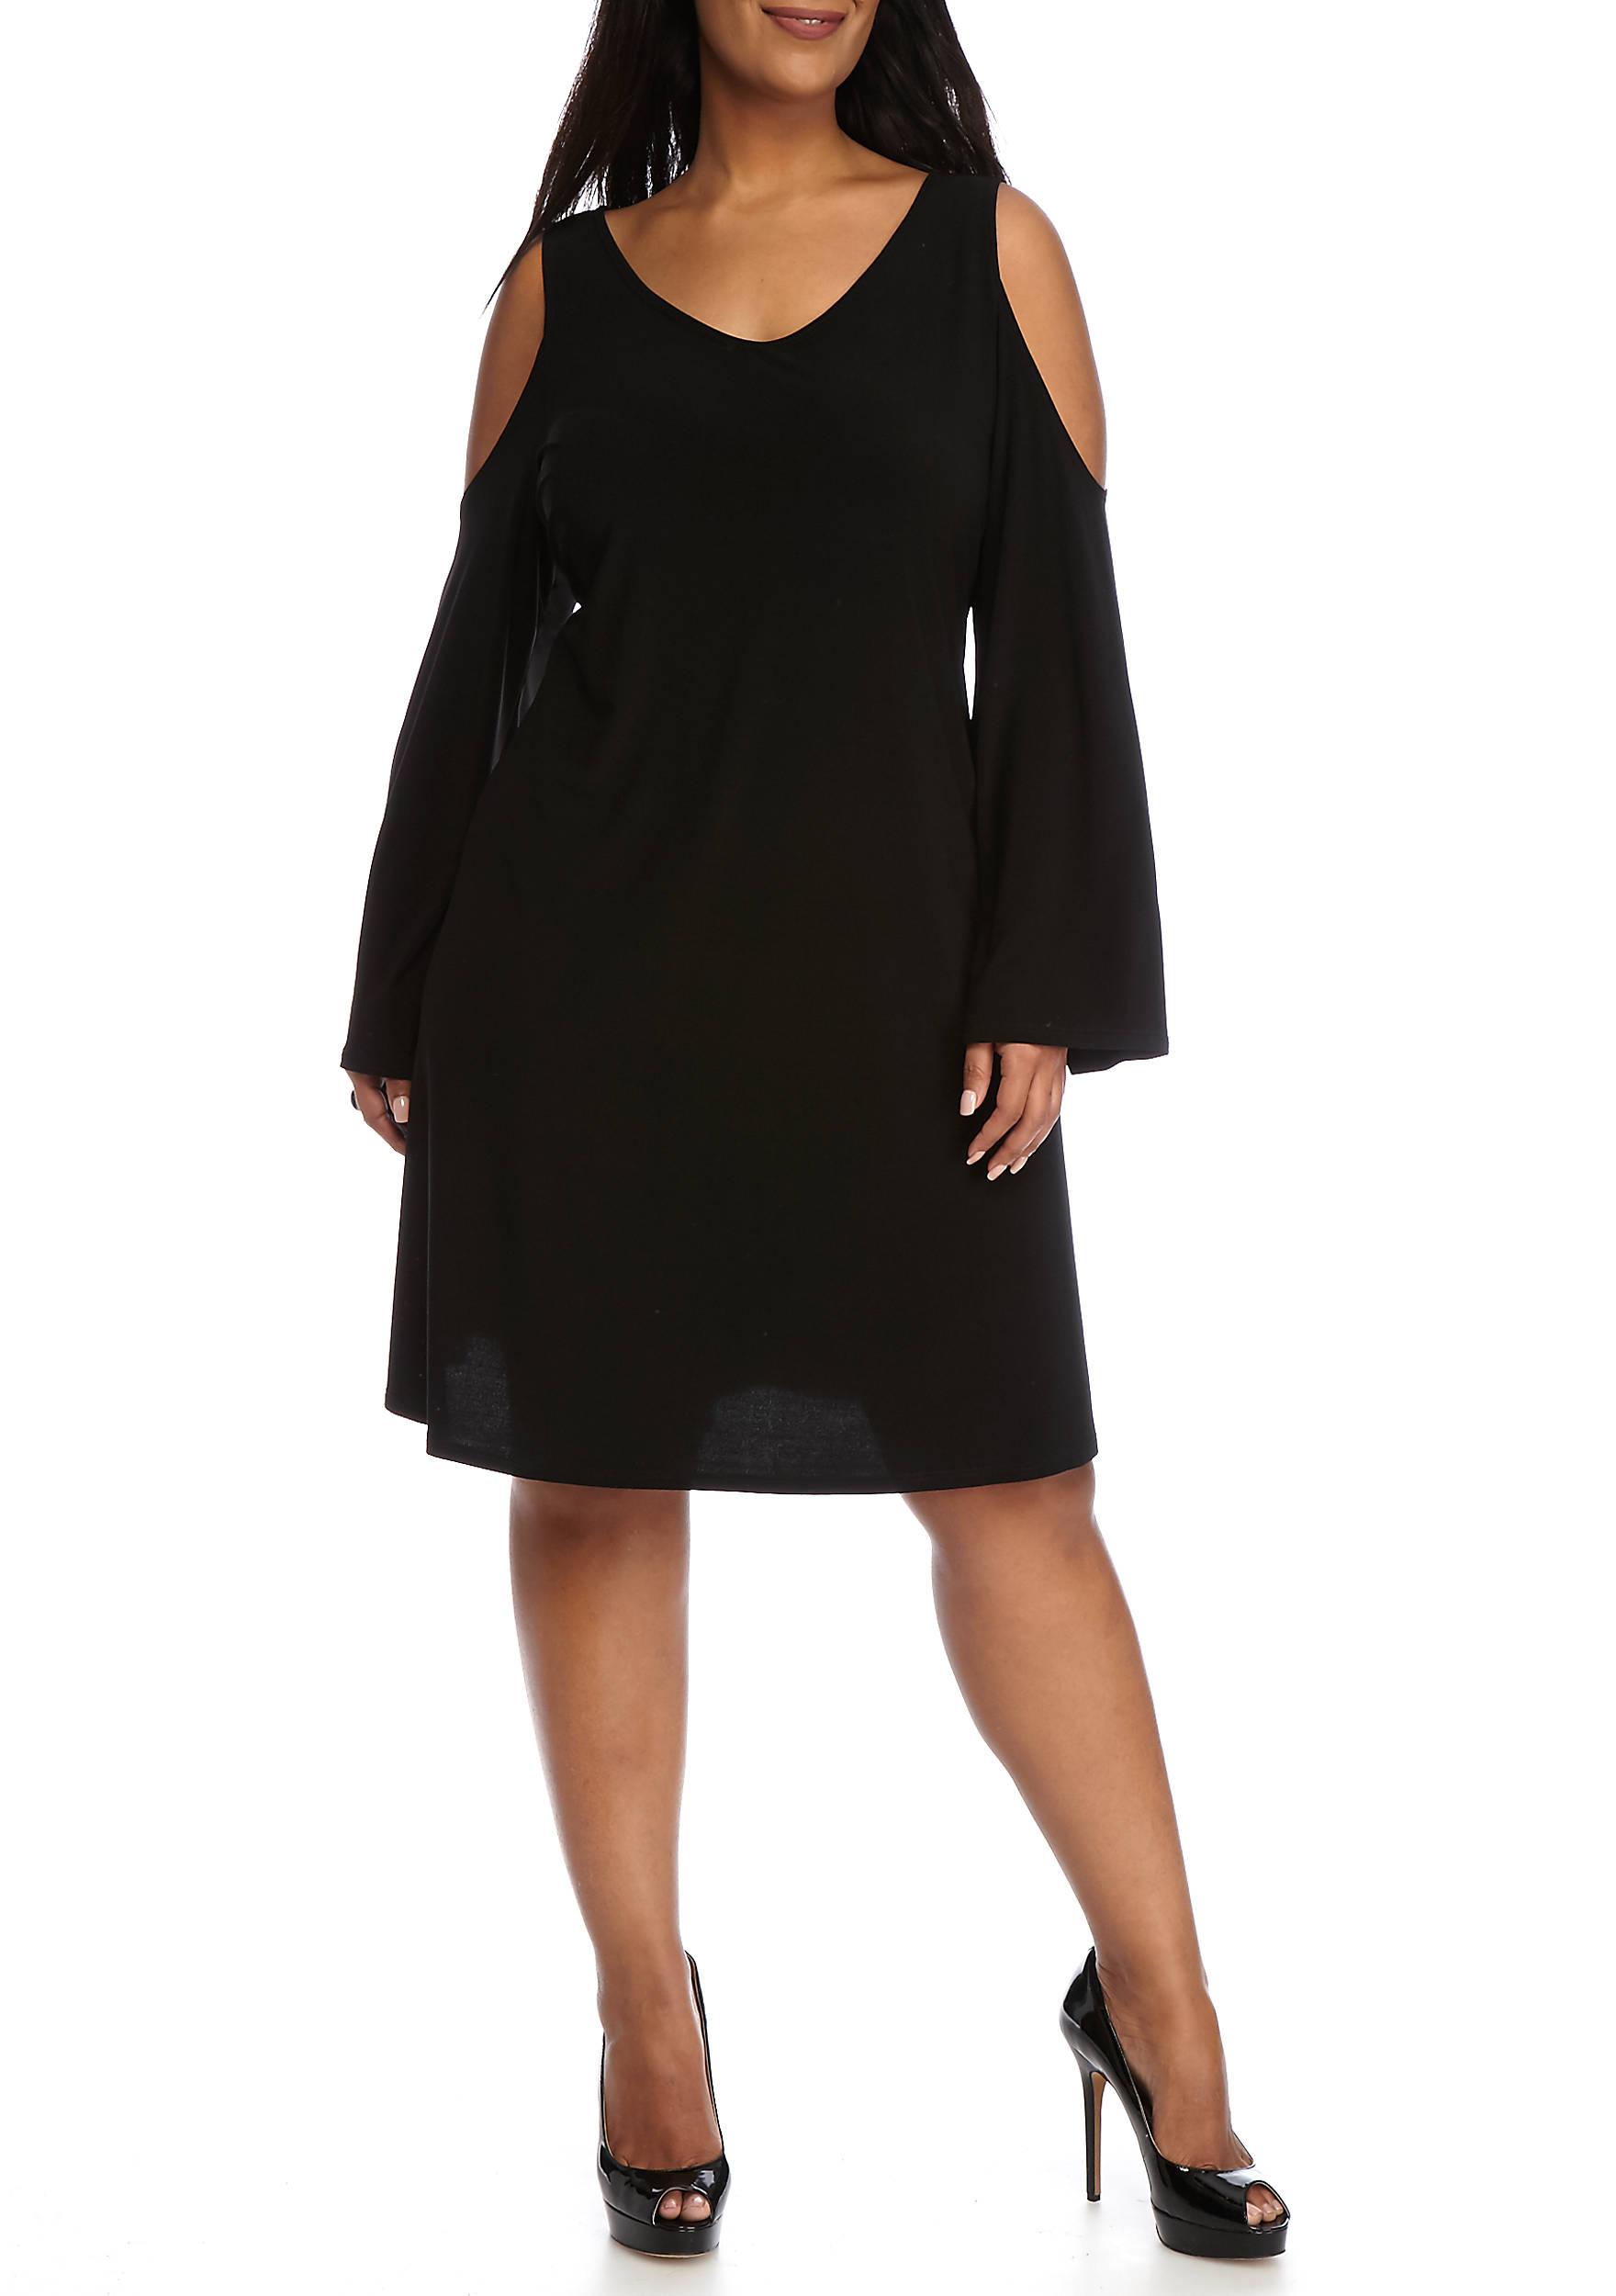 Plus Size Formal Dresses Belk – DACC